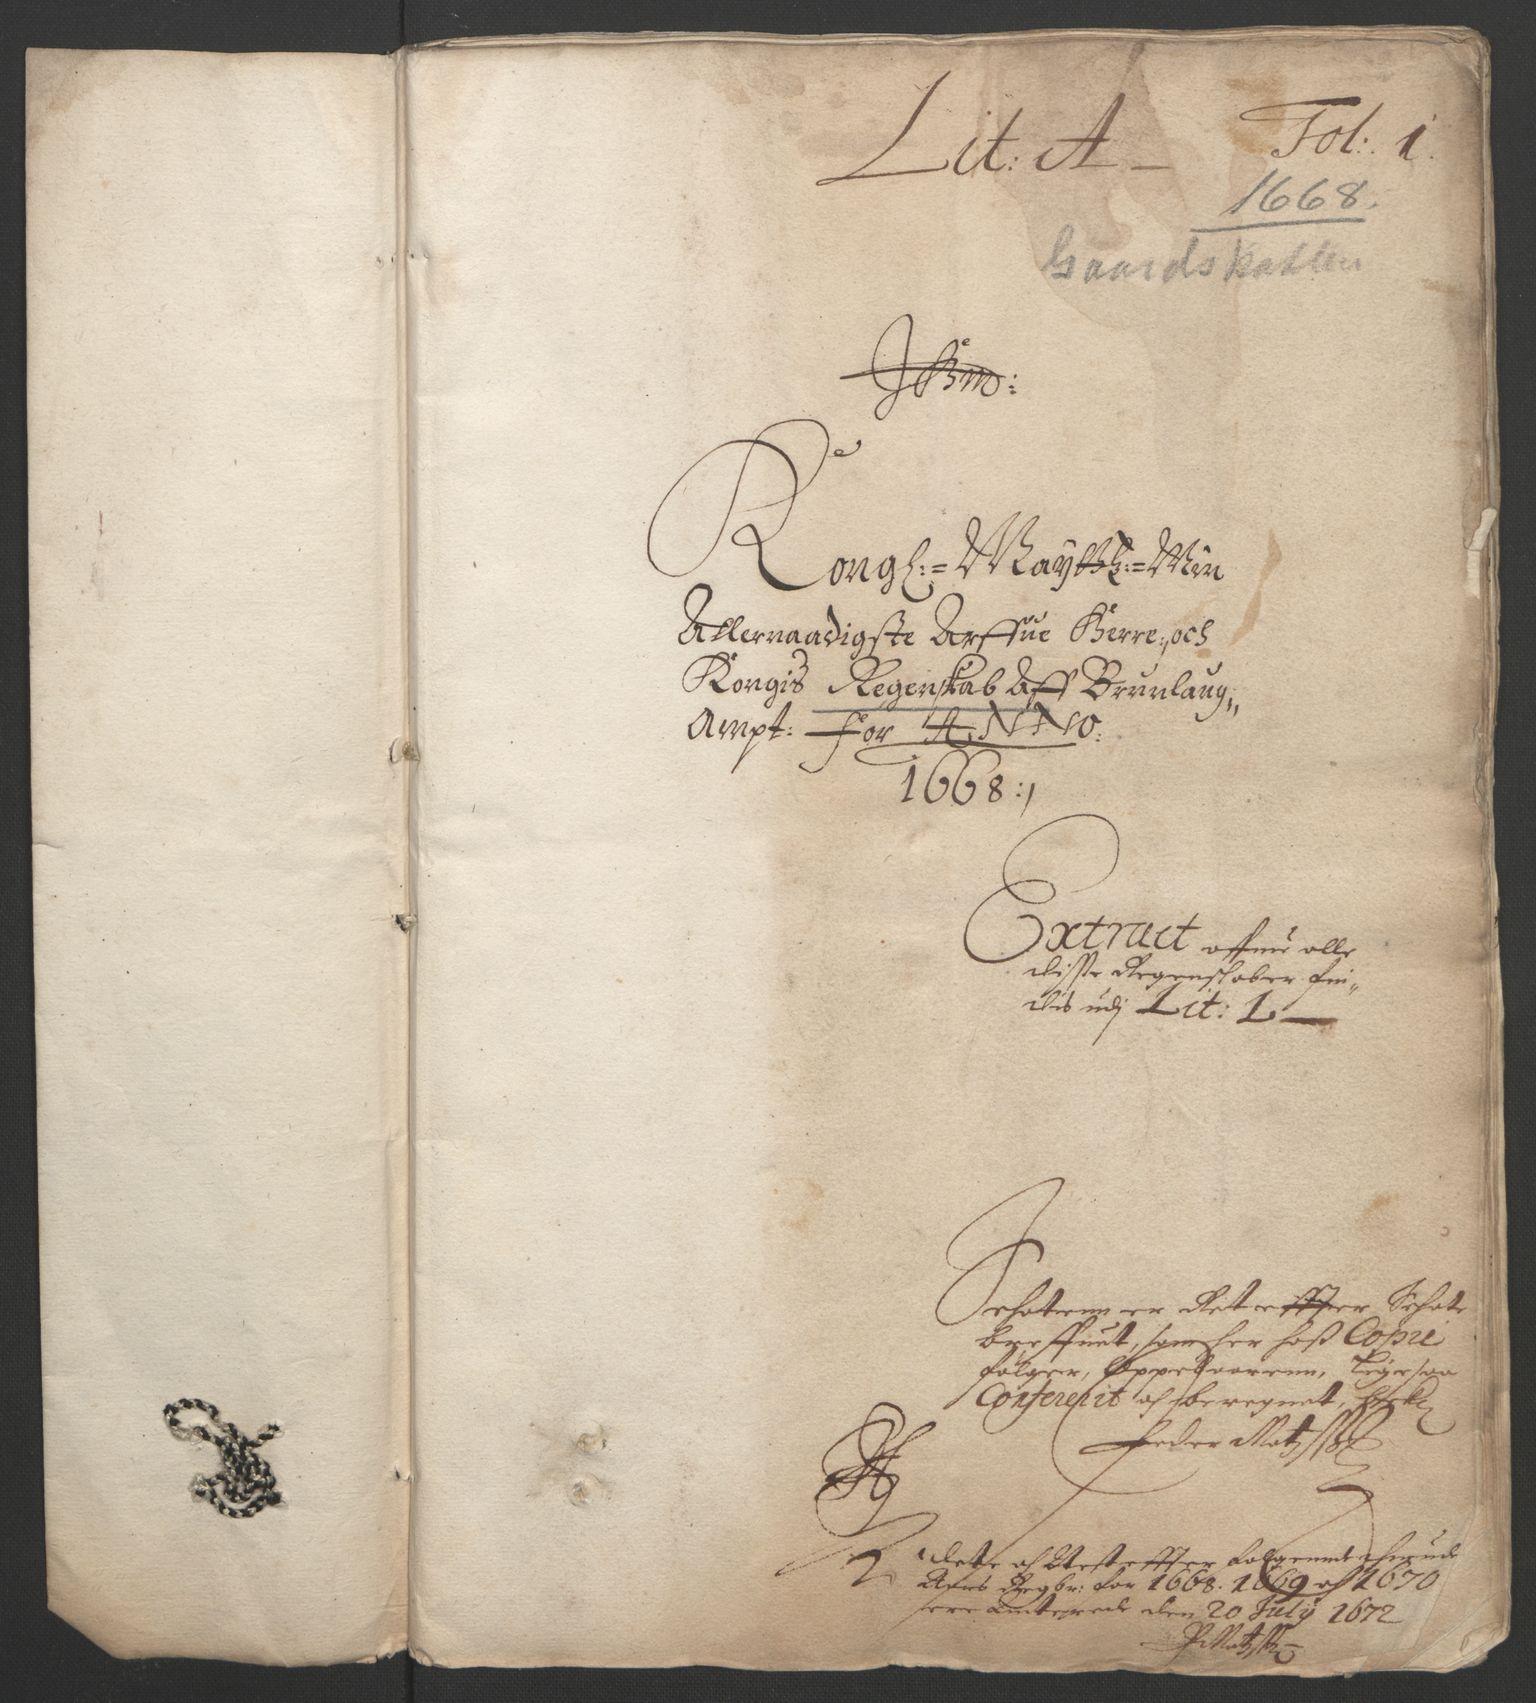 RA, Rentekammeret inntil 1814, Reviderte regnskaper, Fogderegnskap, R33/L1964: Fogderegnskap Larvik grevskap, 1665-1668, s. 107